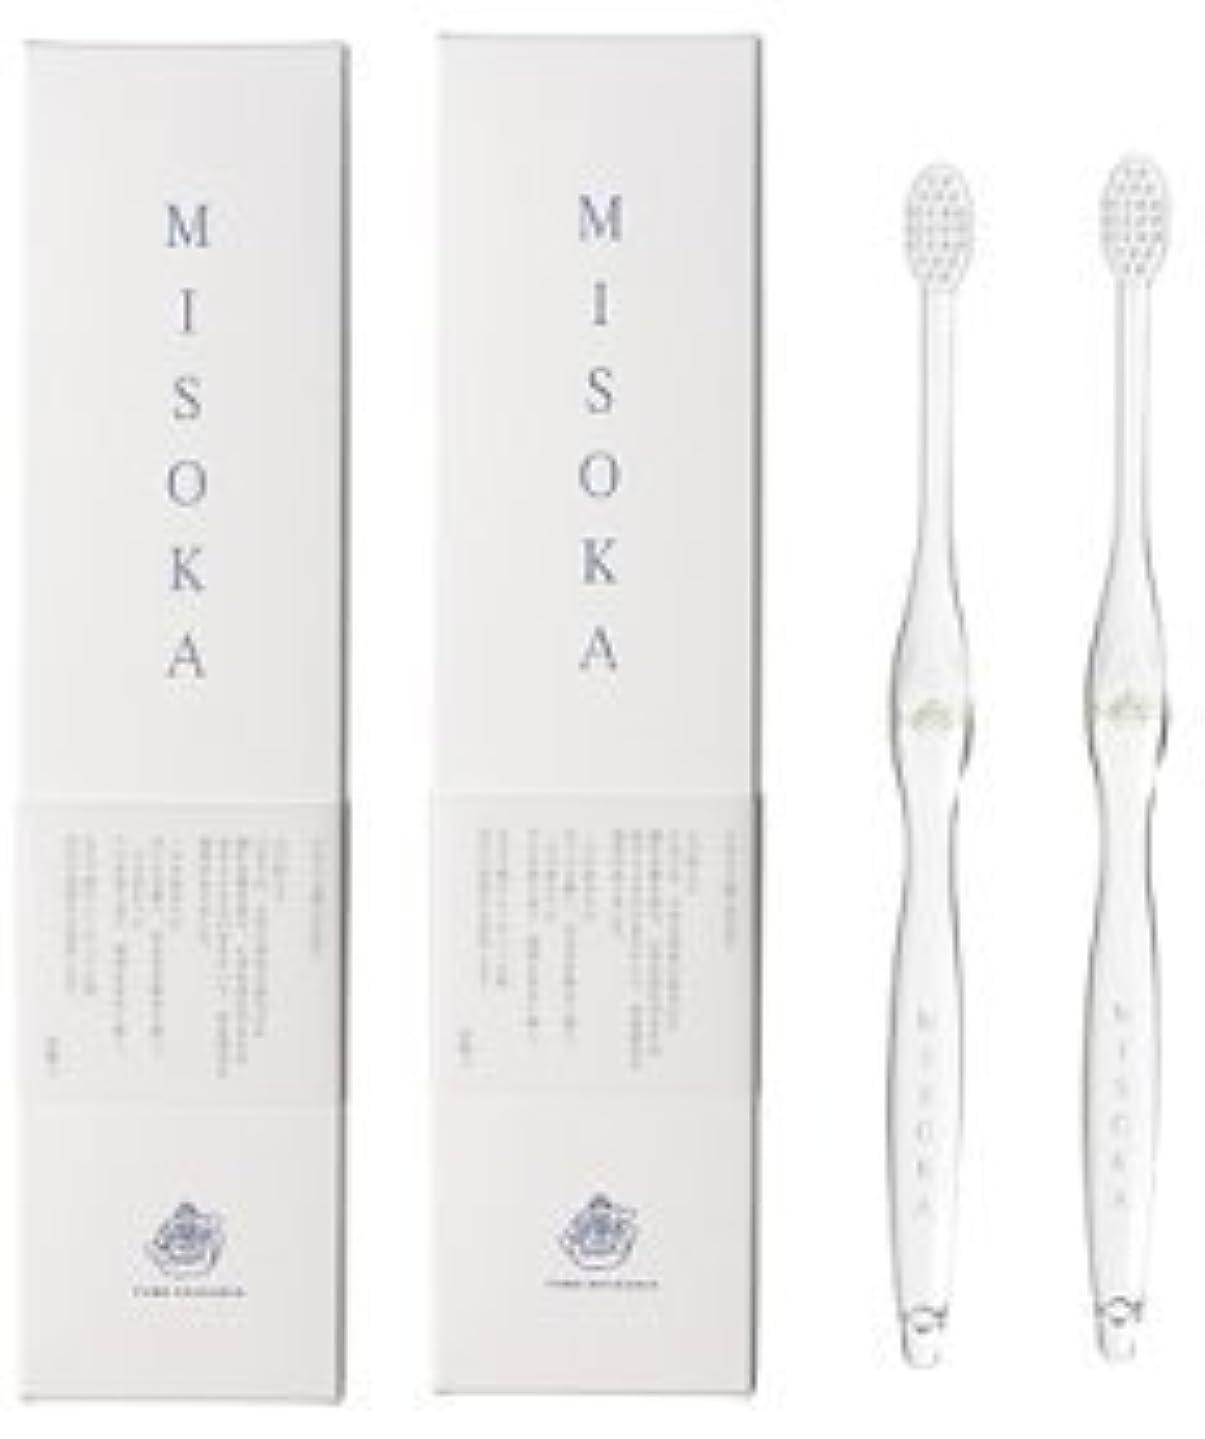 自動車アルカトラズ島無線MISOKA(ミソカ) 歯ブラシ 若草色 2本セット